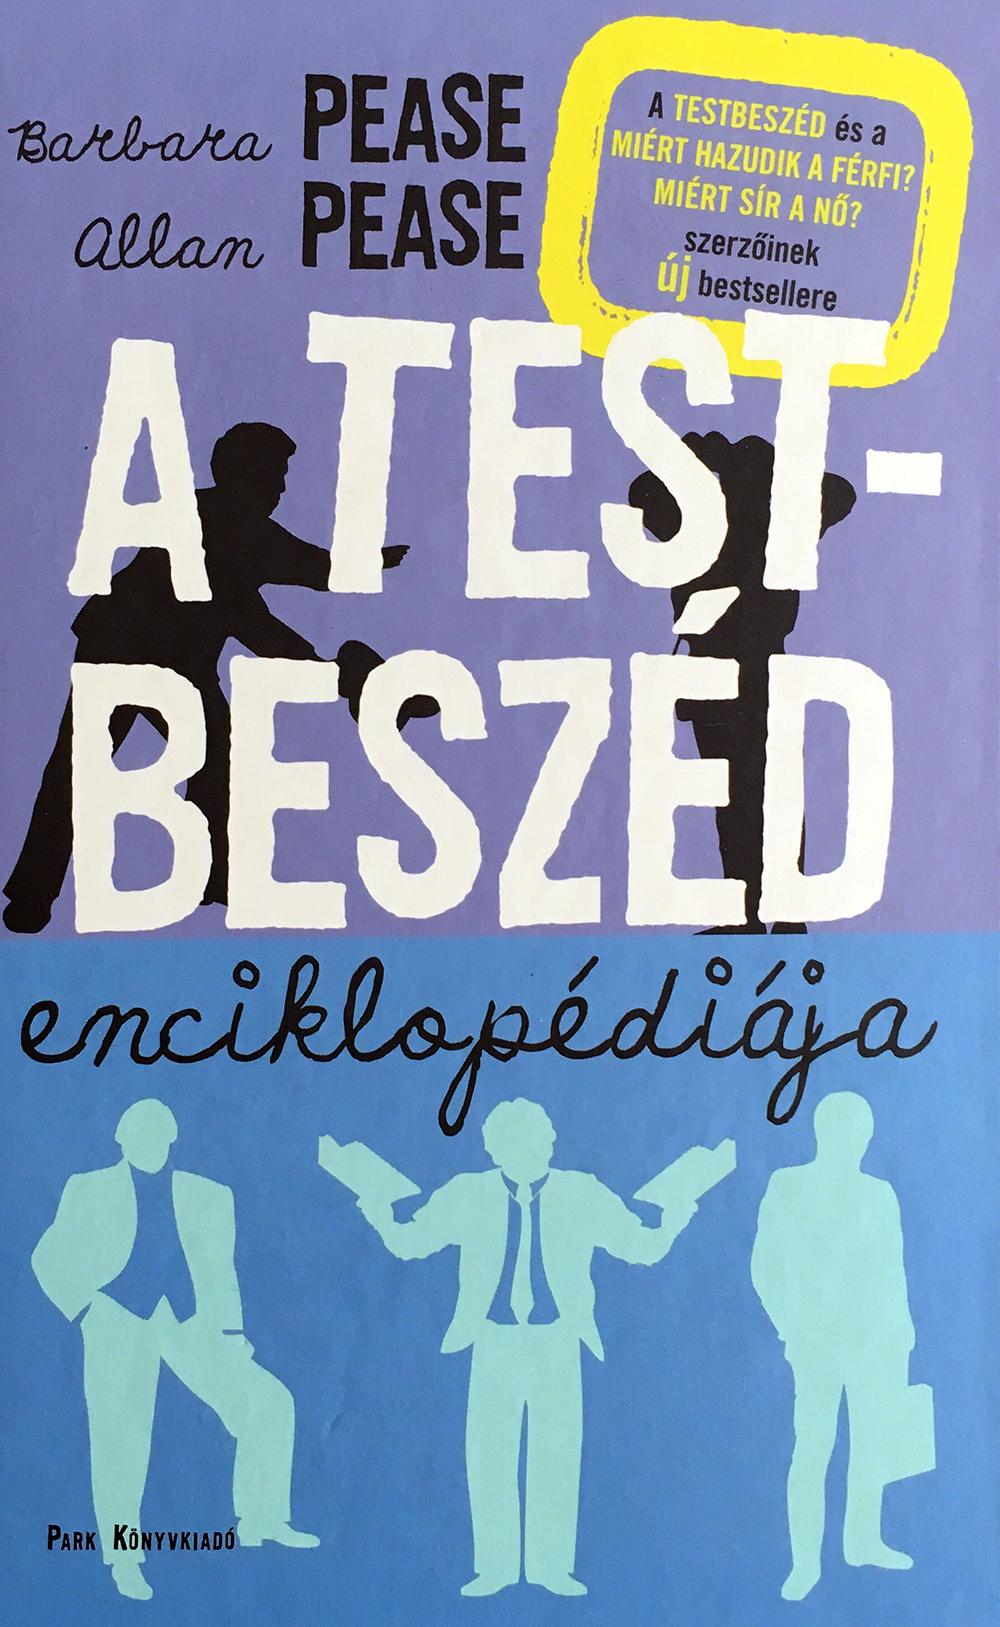 a_testbeszed_enciklopediaja.jpg